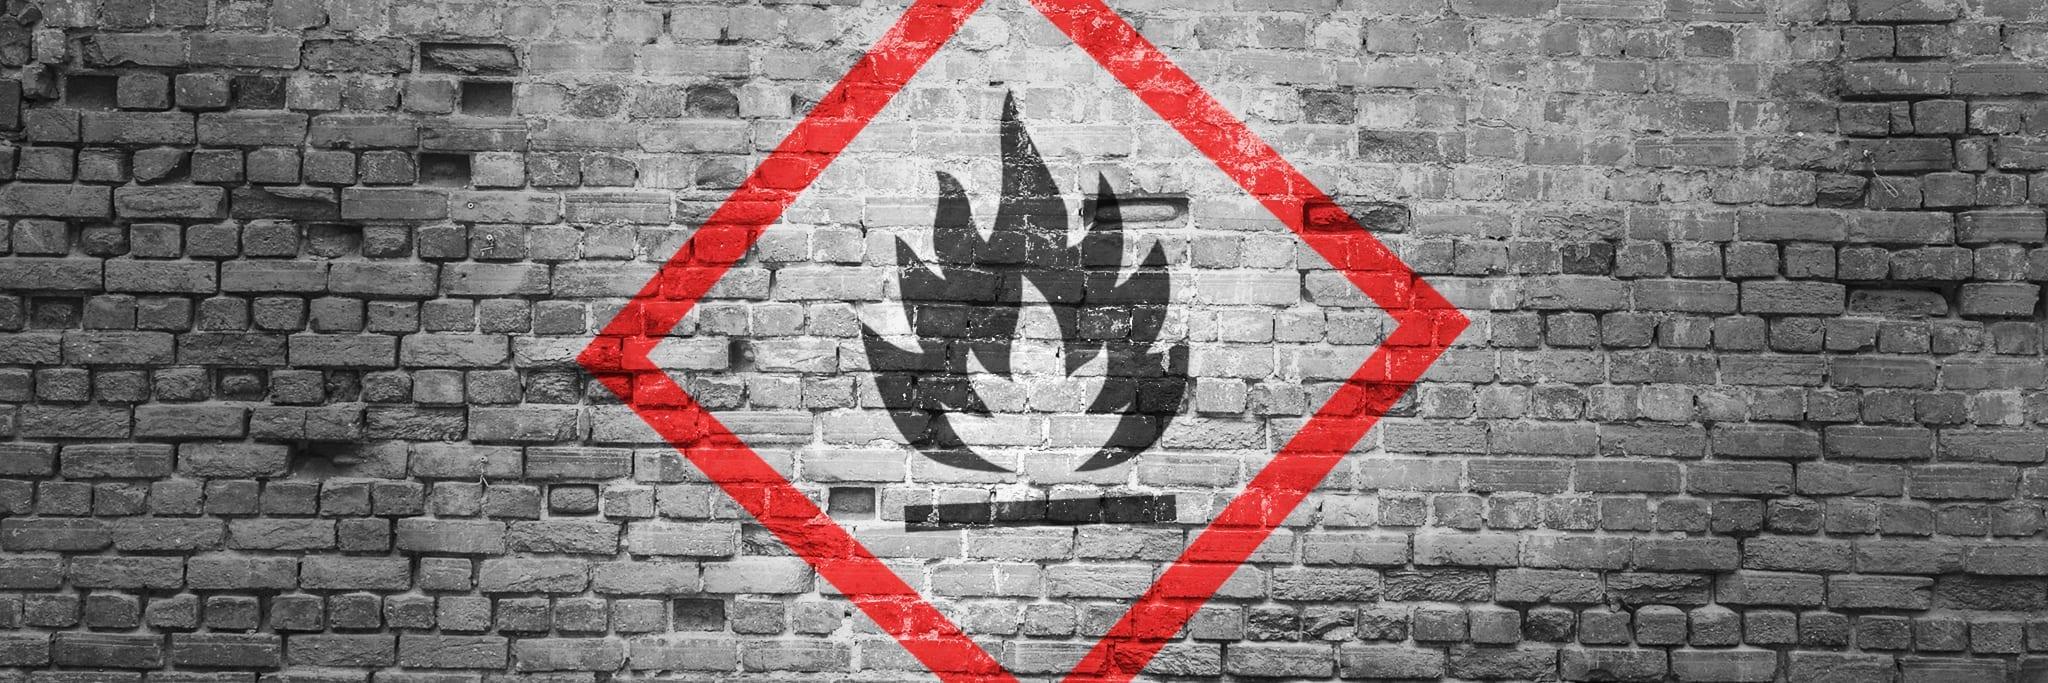 Logo SIDMUT - Utilisation sécuritaire des matières dangeureuses, étiquetage et fiche signalétique